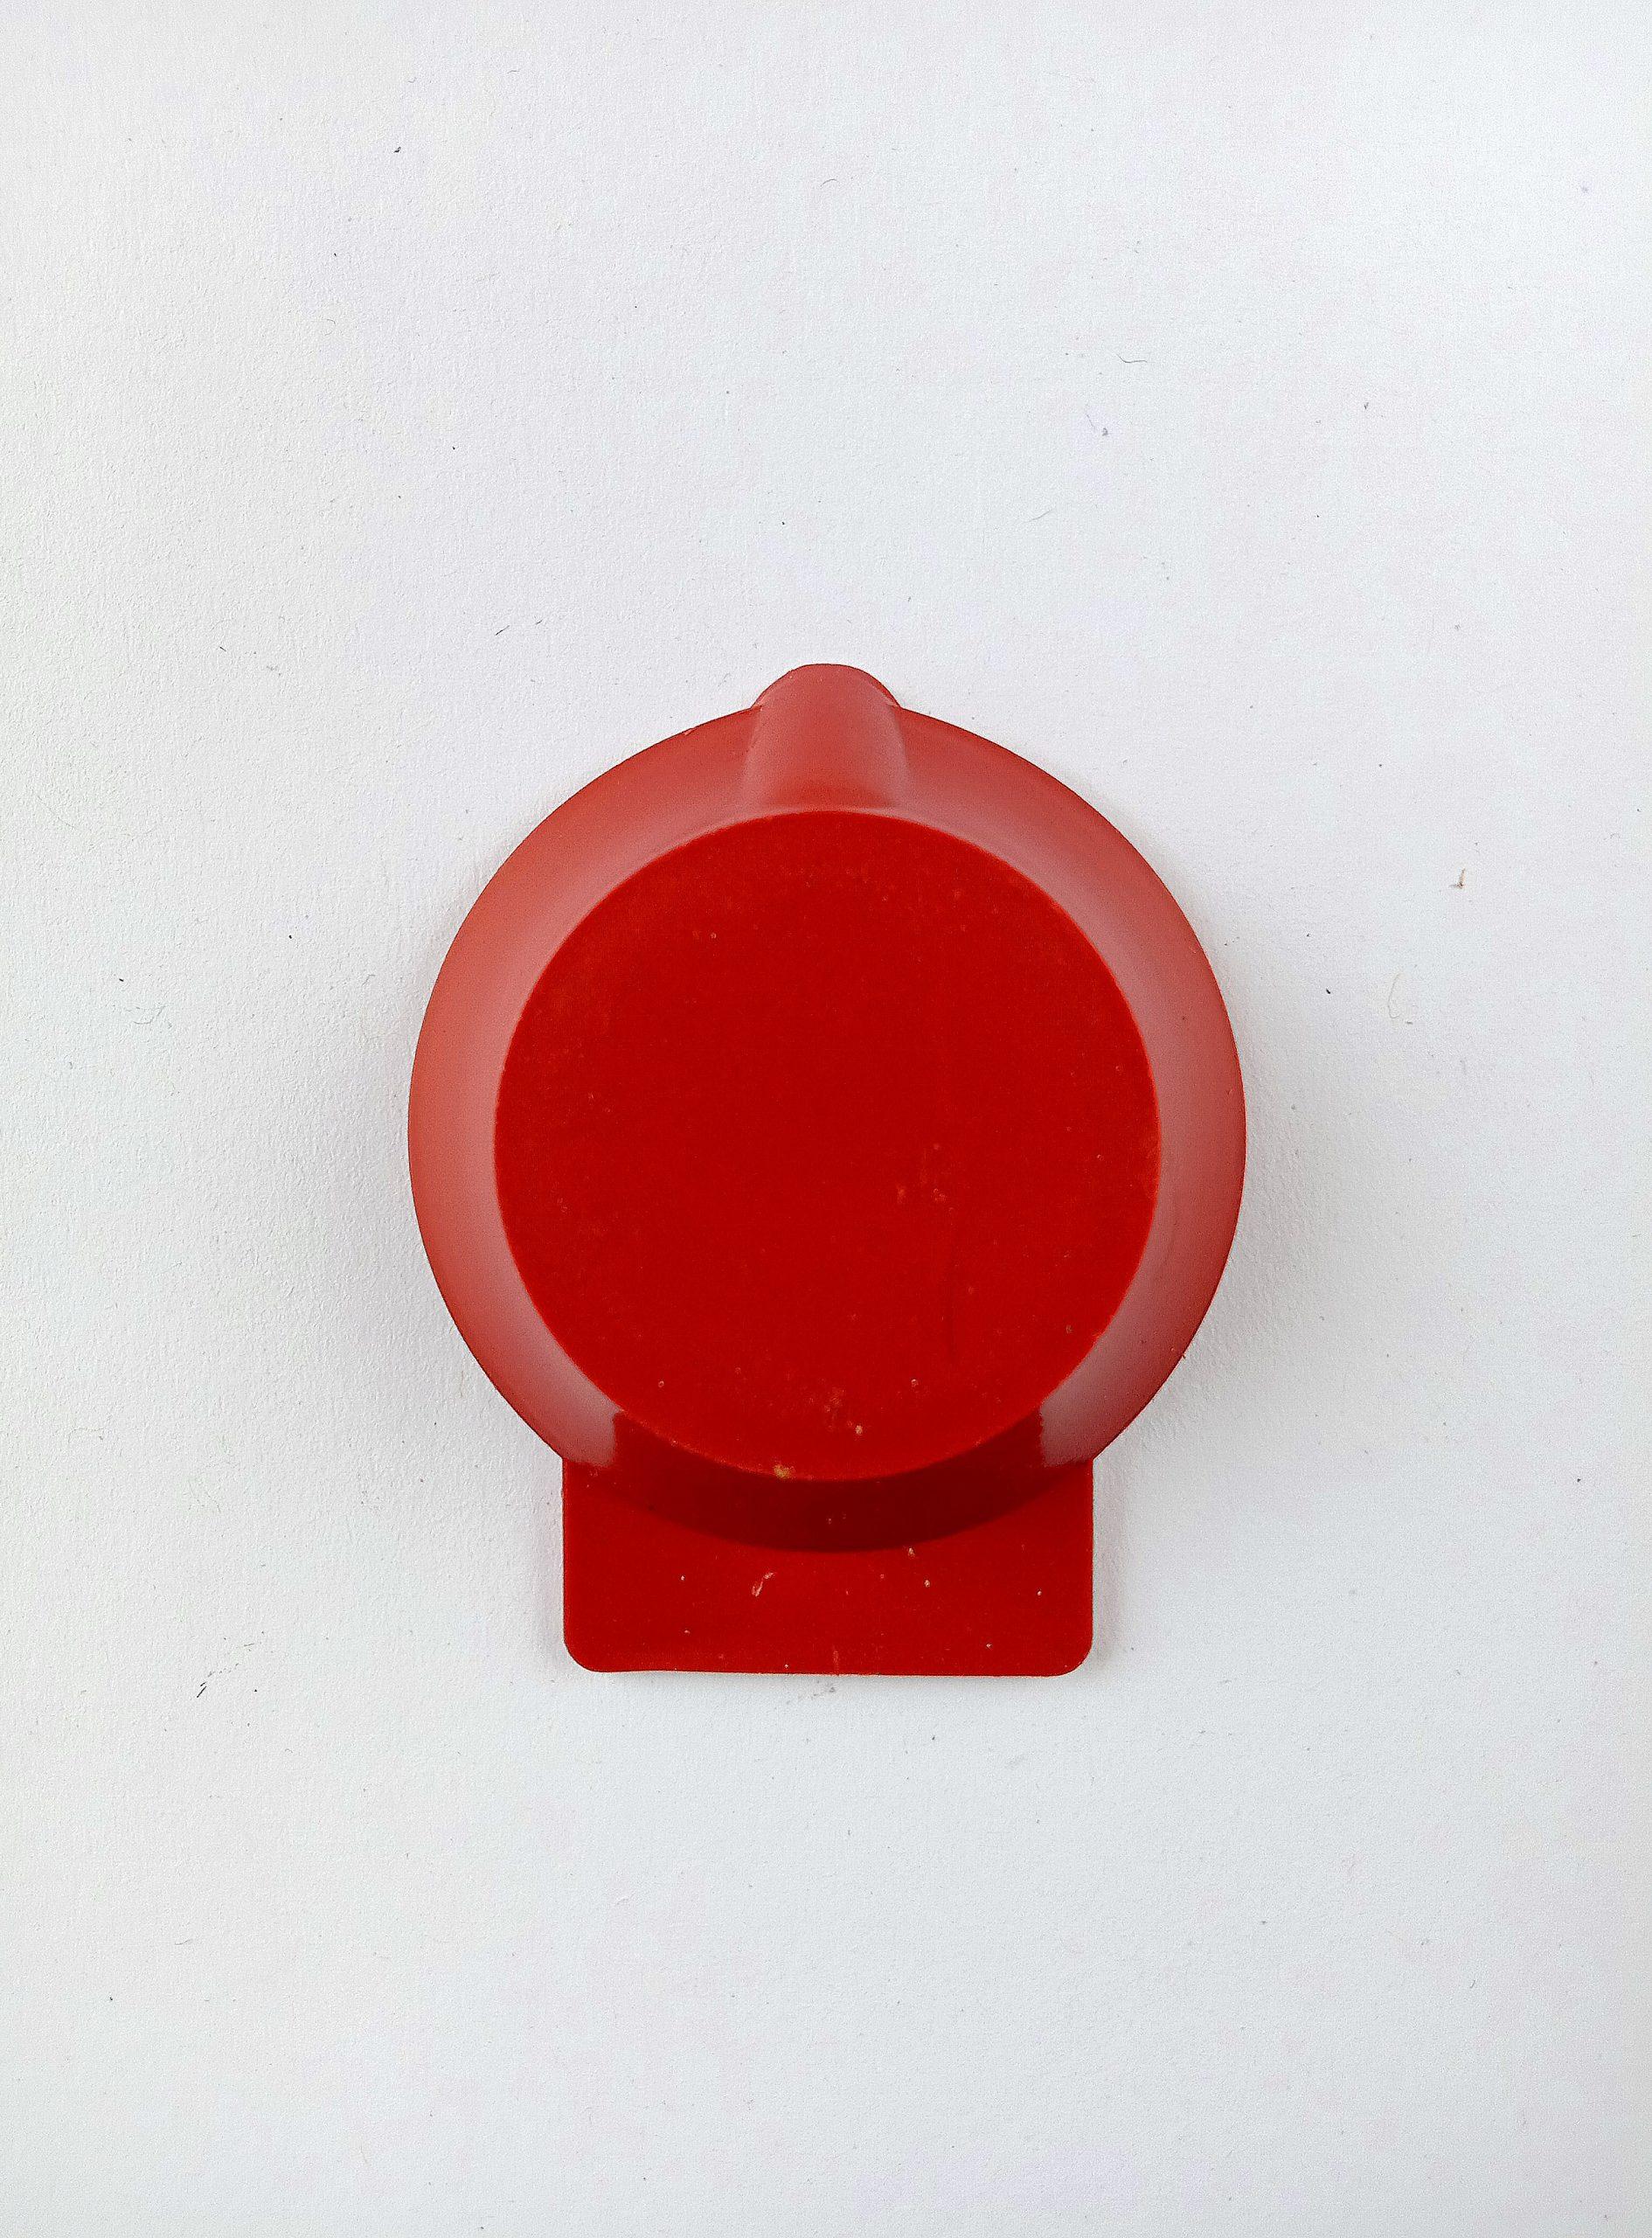 A plastic lid